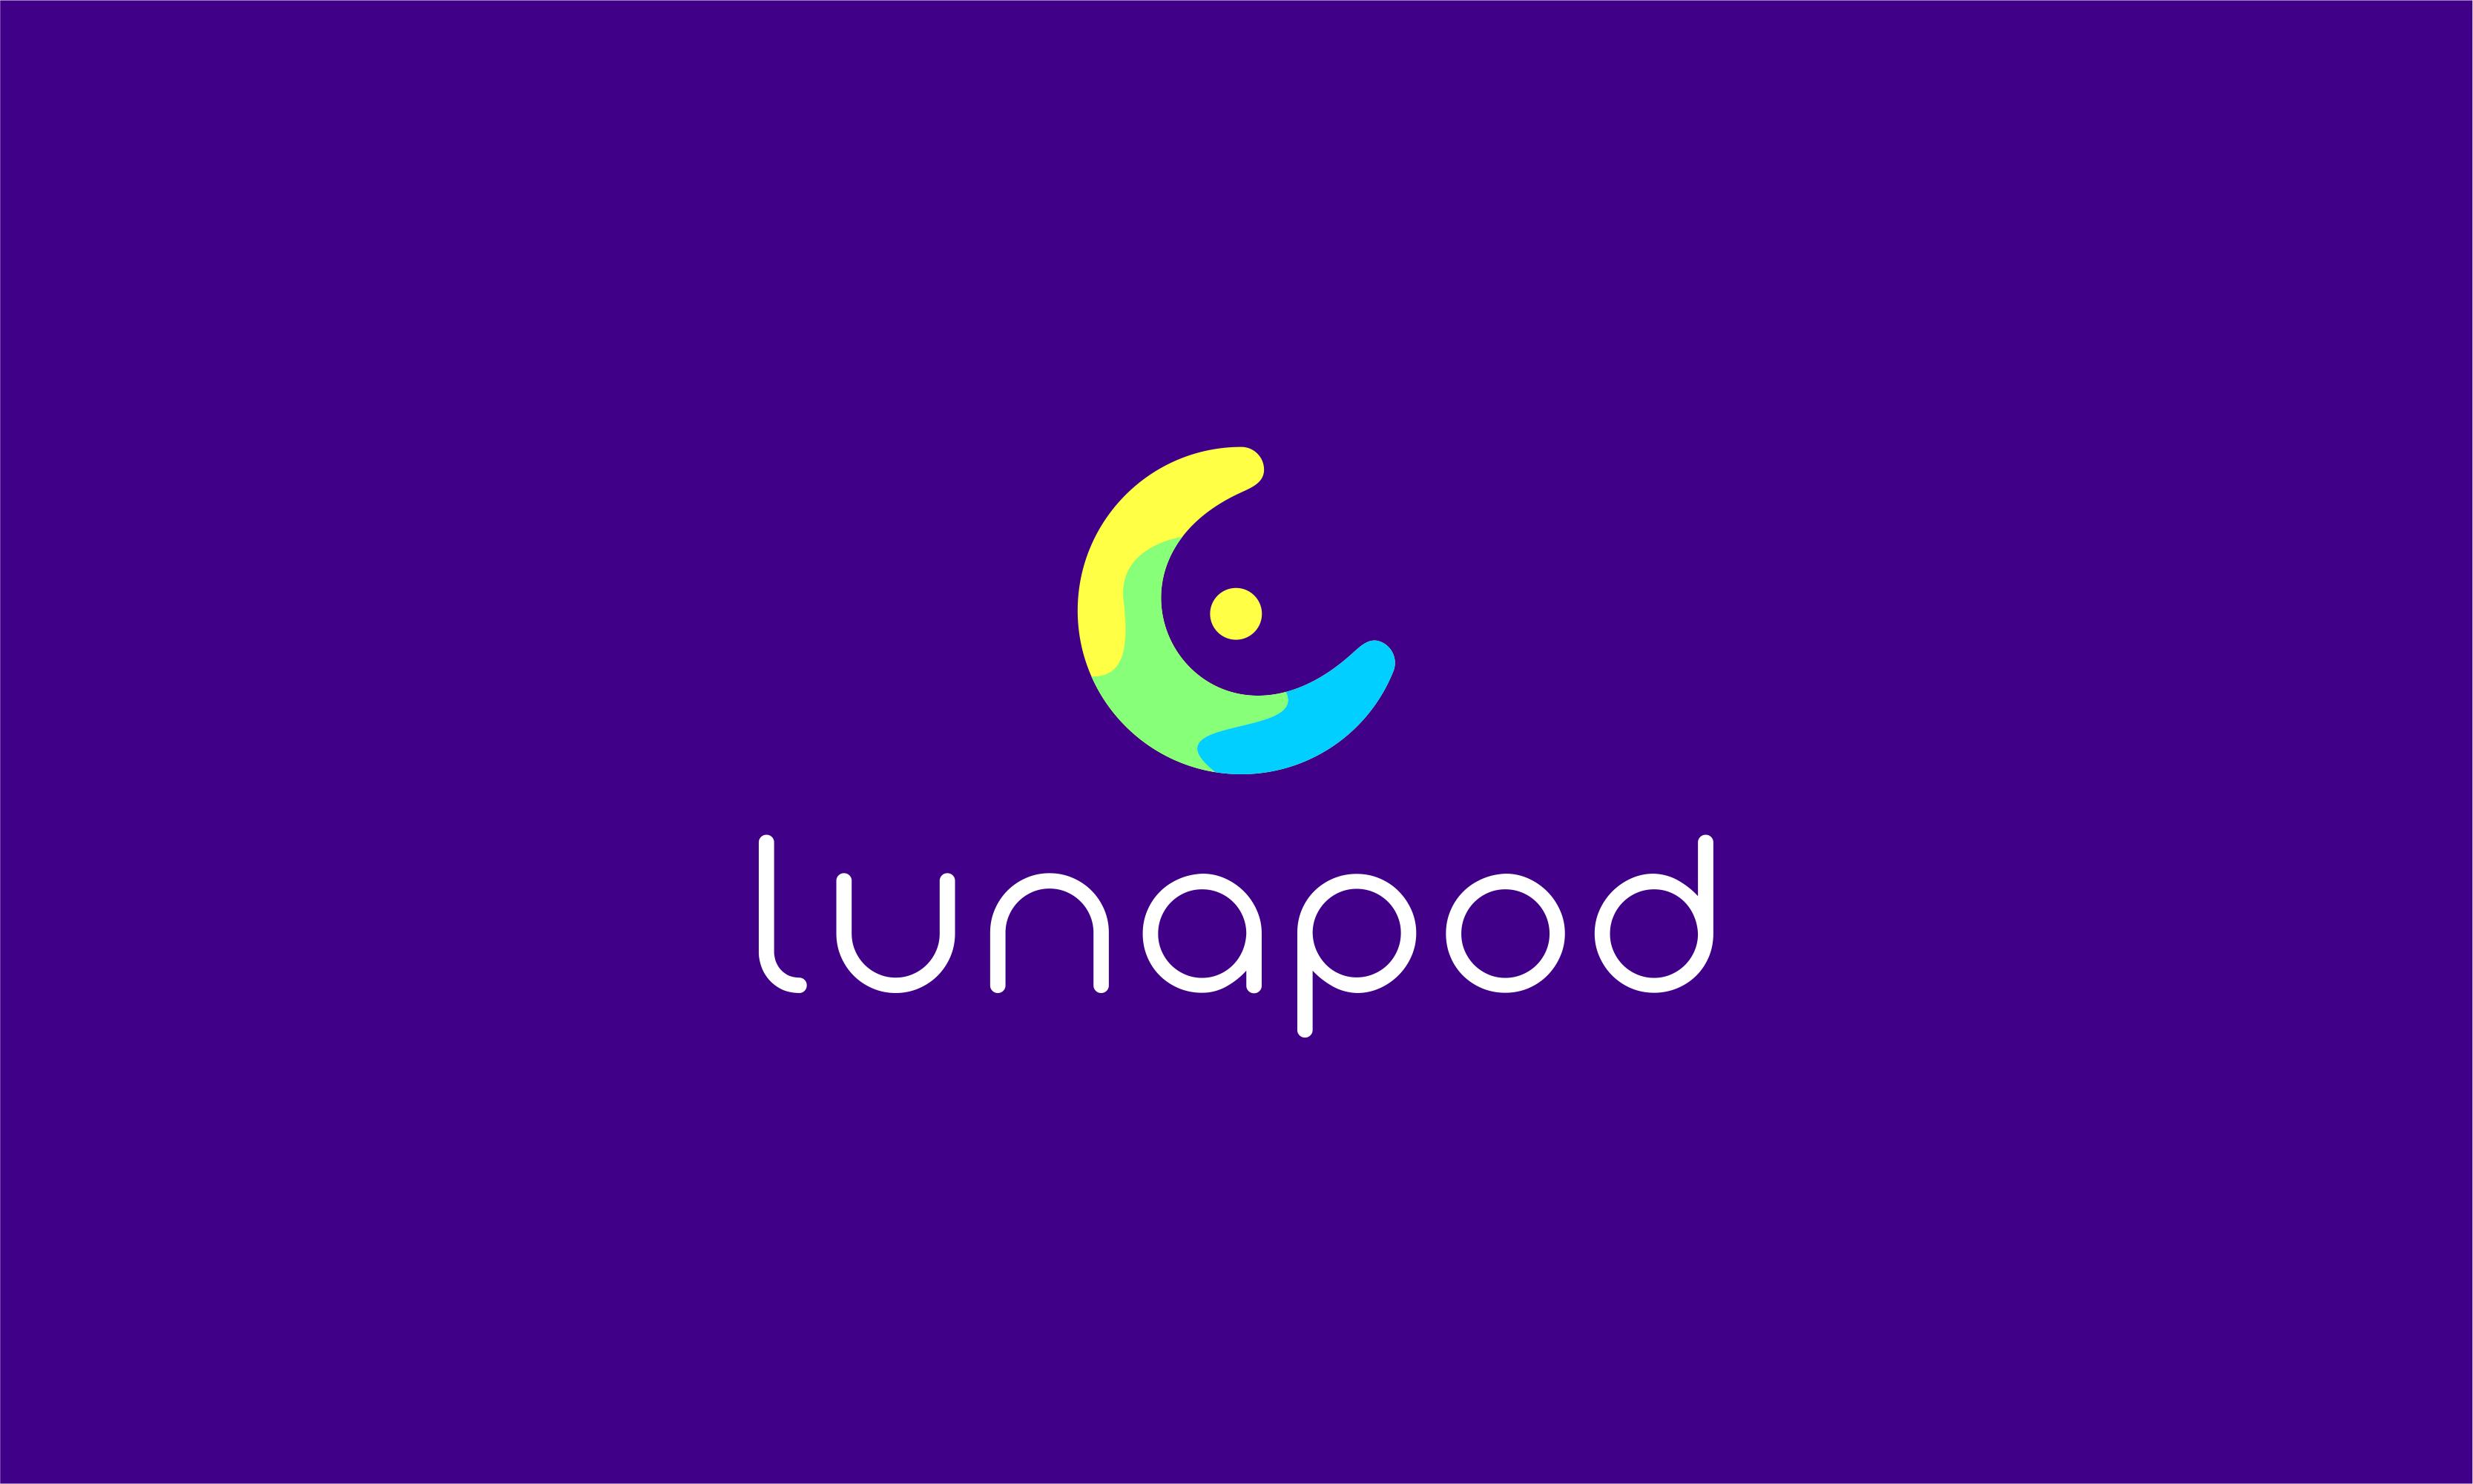 Lunapod